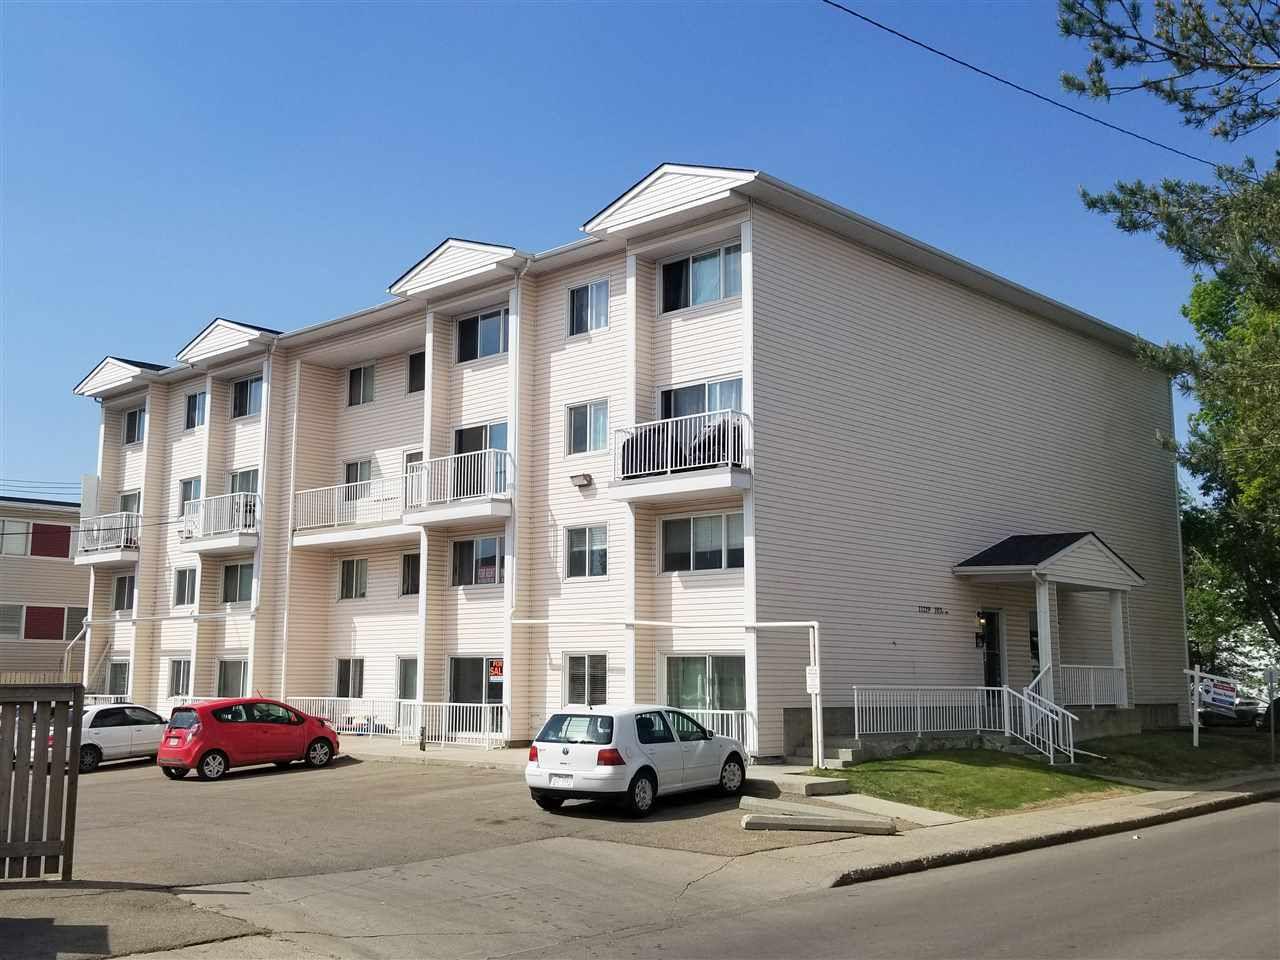 Main Photo: 18 11219 103A Avenue in Edmonton: Zone 12 Condo for sale : MLS®# E4158916